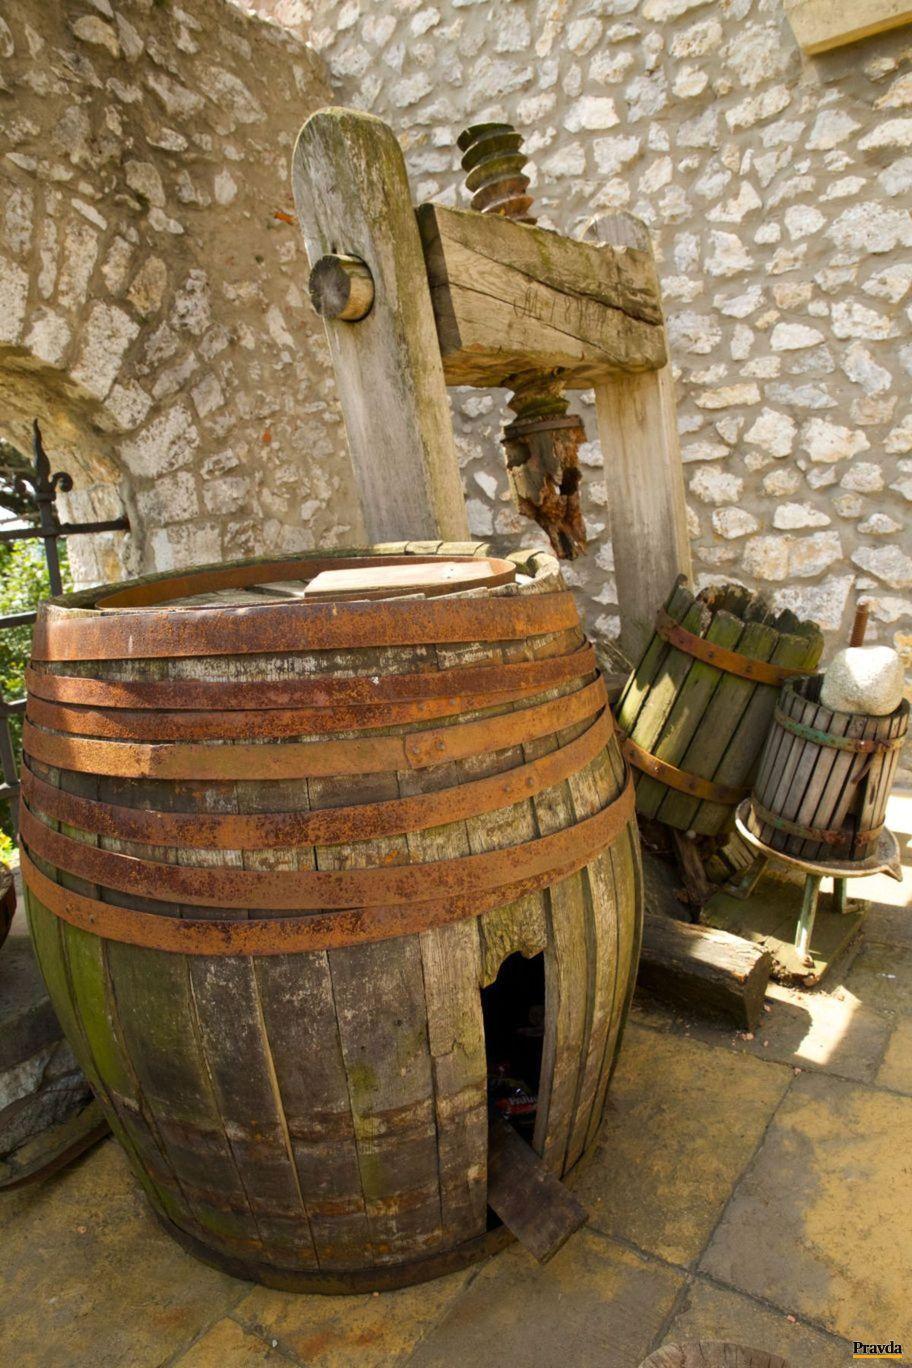 V priestoroch zámku návštevníci objavia aj dobové vinohradnícke sudy a lisy.